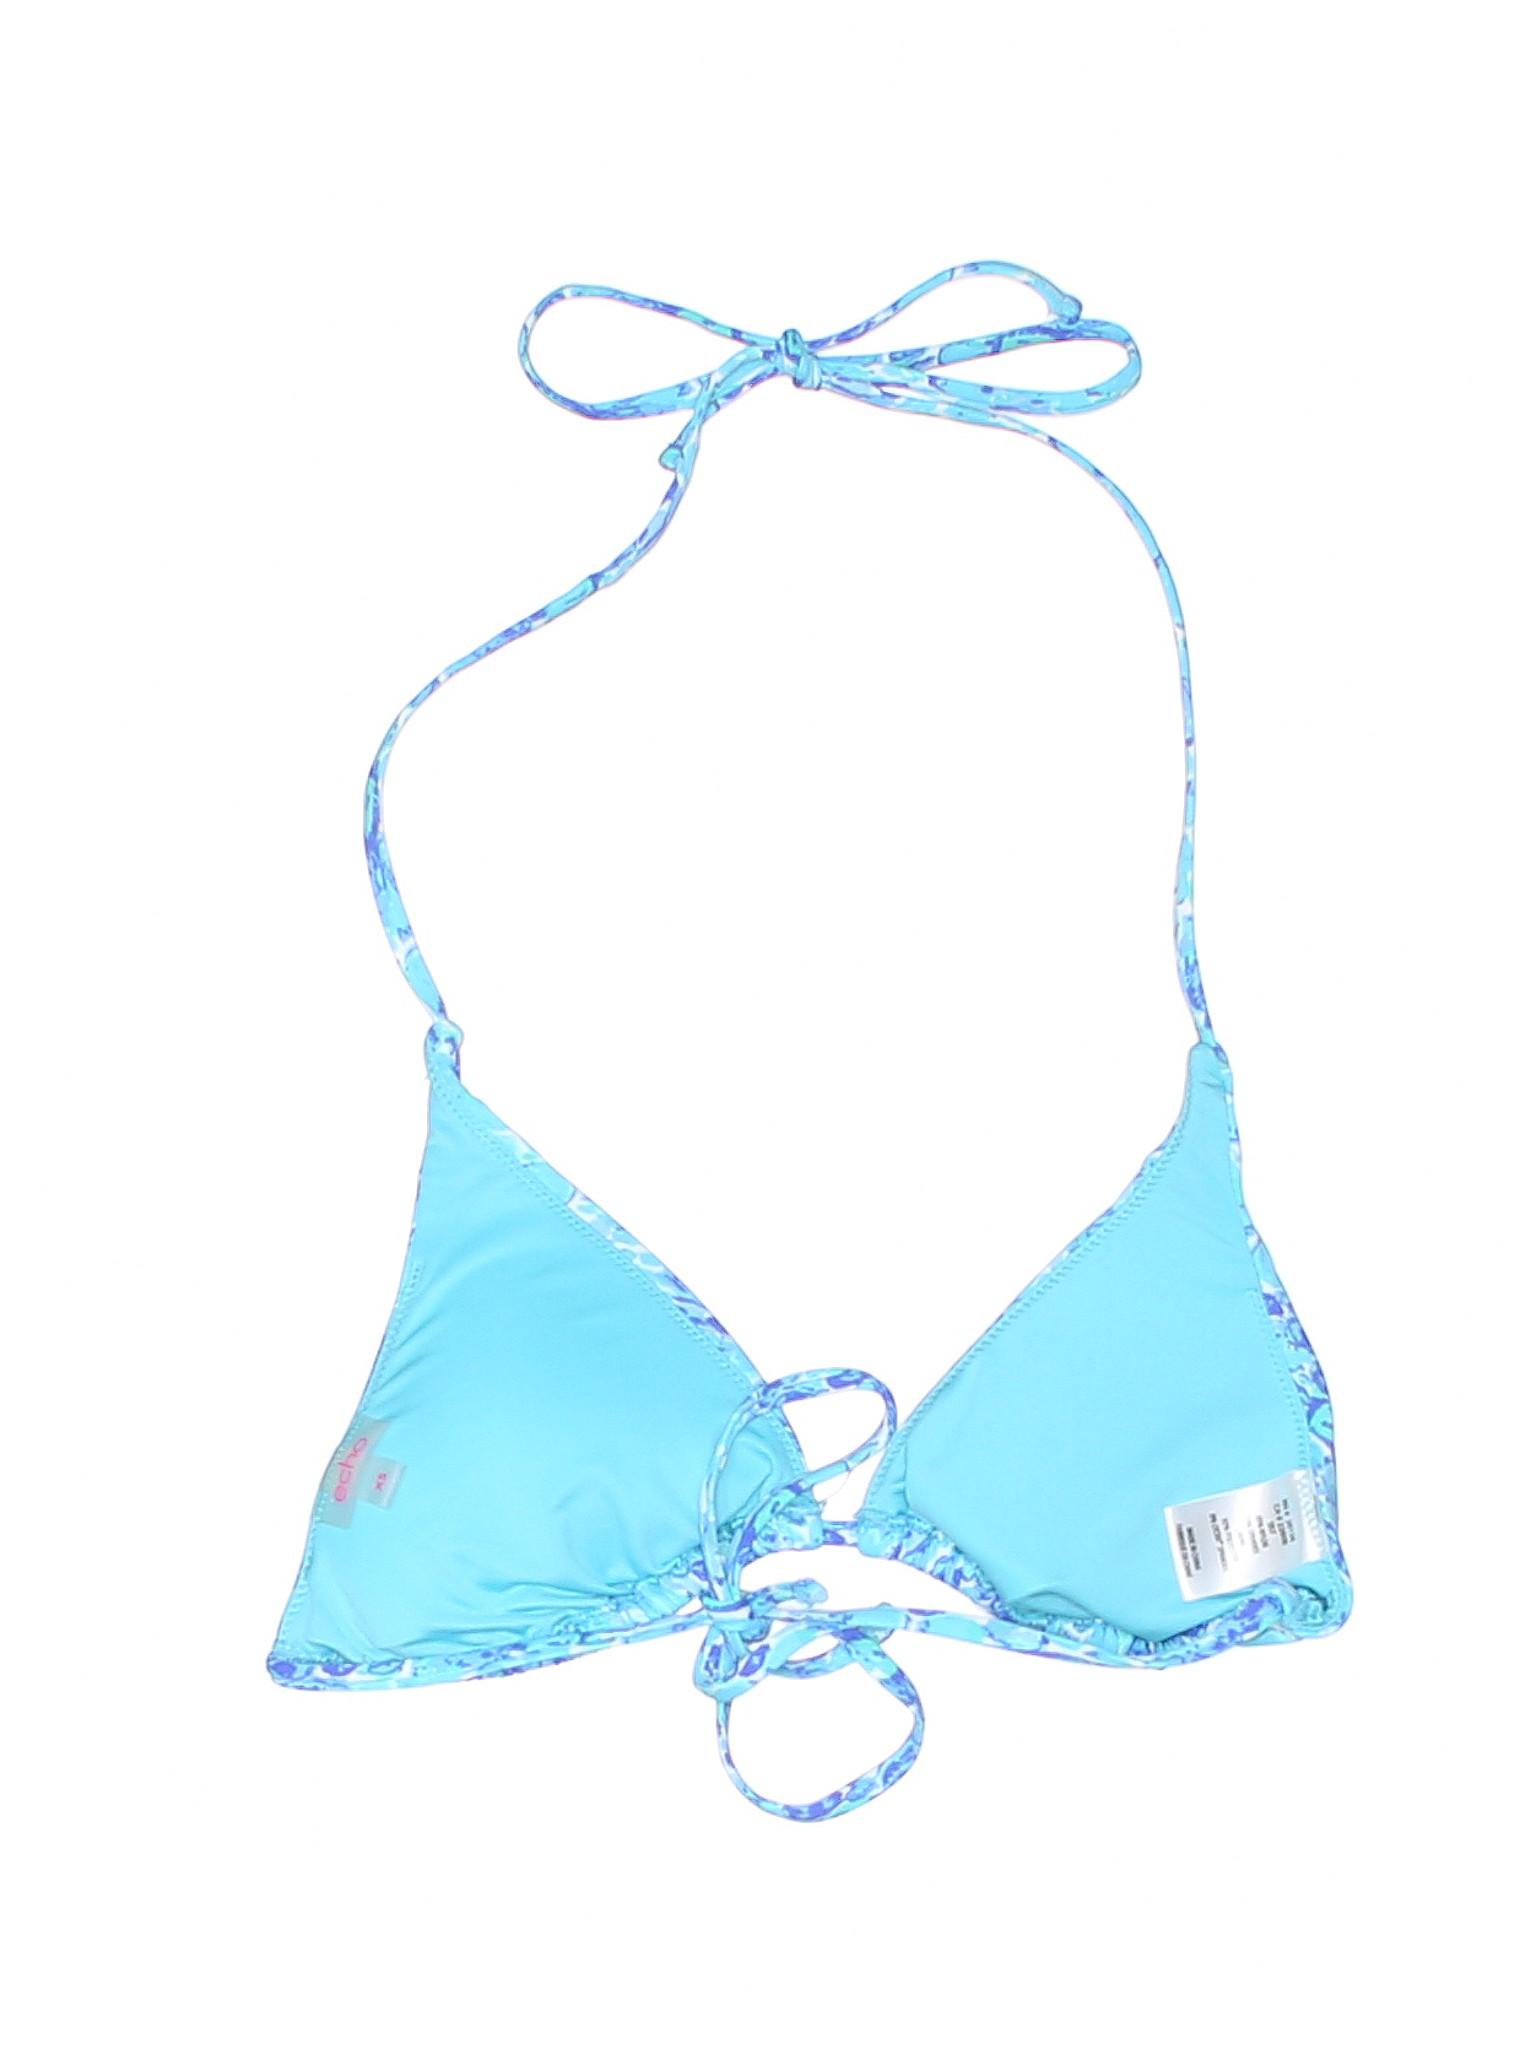 Boutique Boutique Swimsuit Top Echo Echo w6qg14g